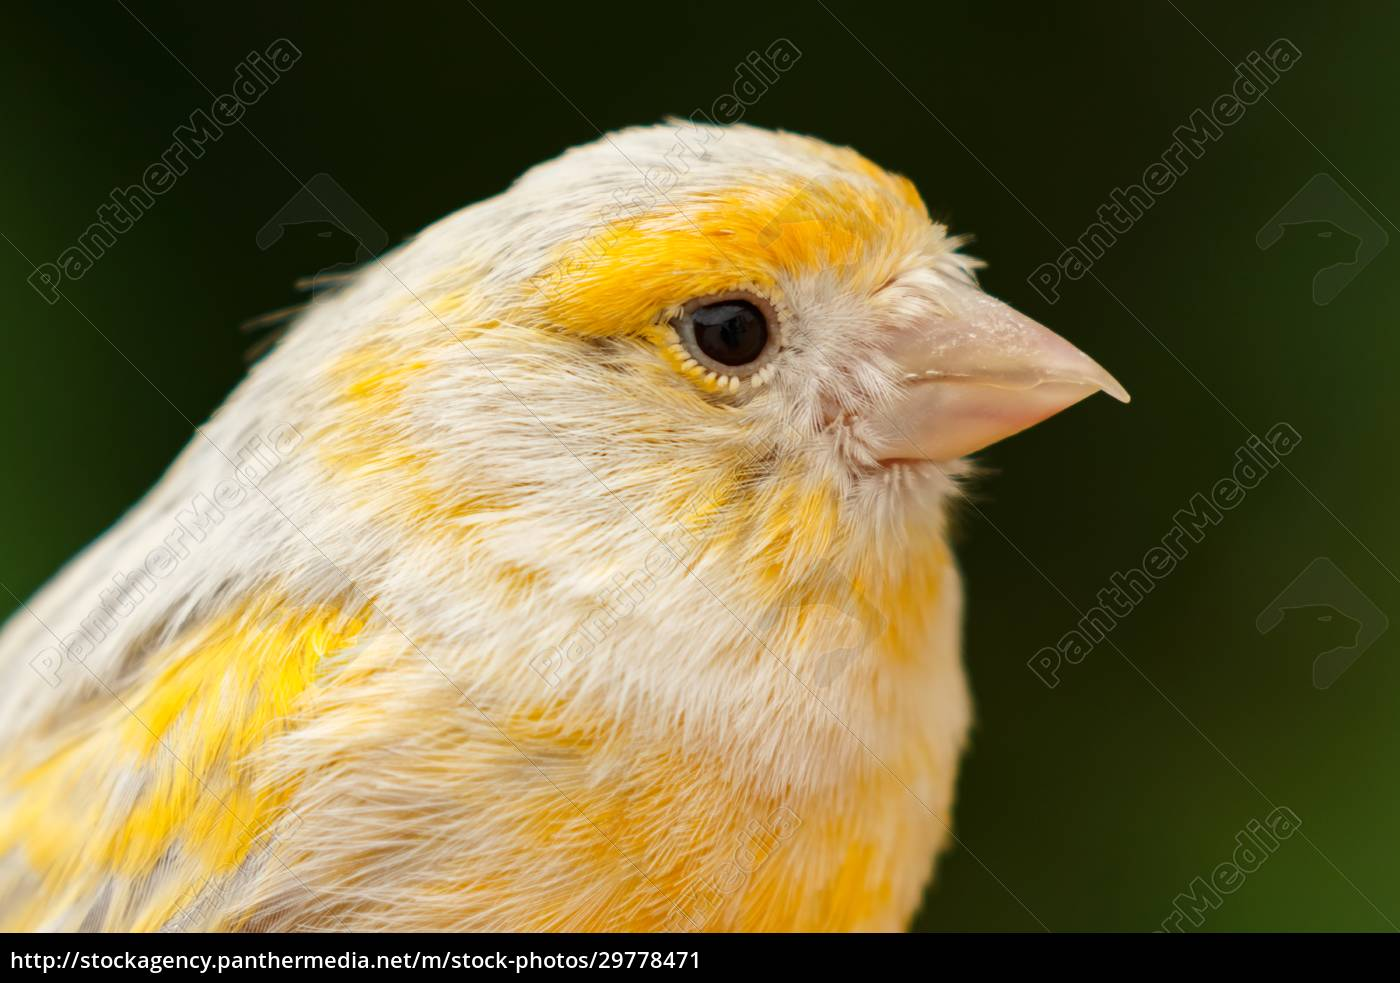 beautiful, yellow, canary - 29778471